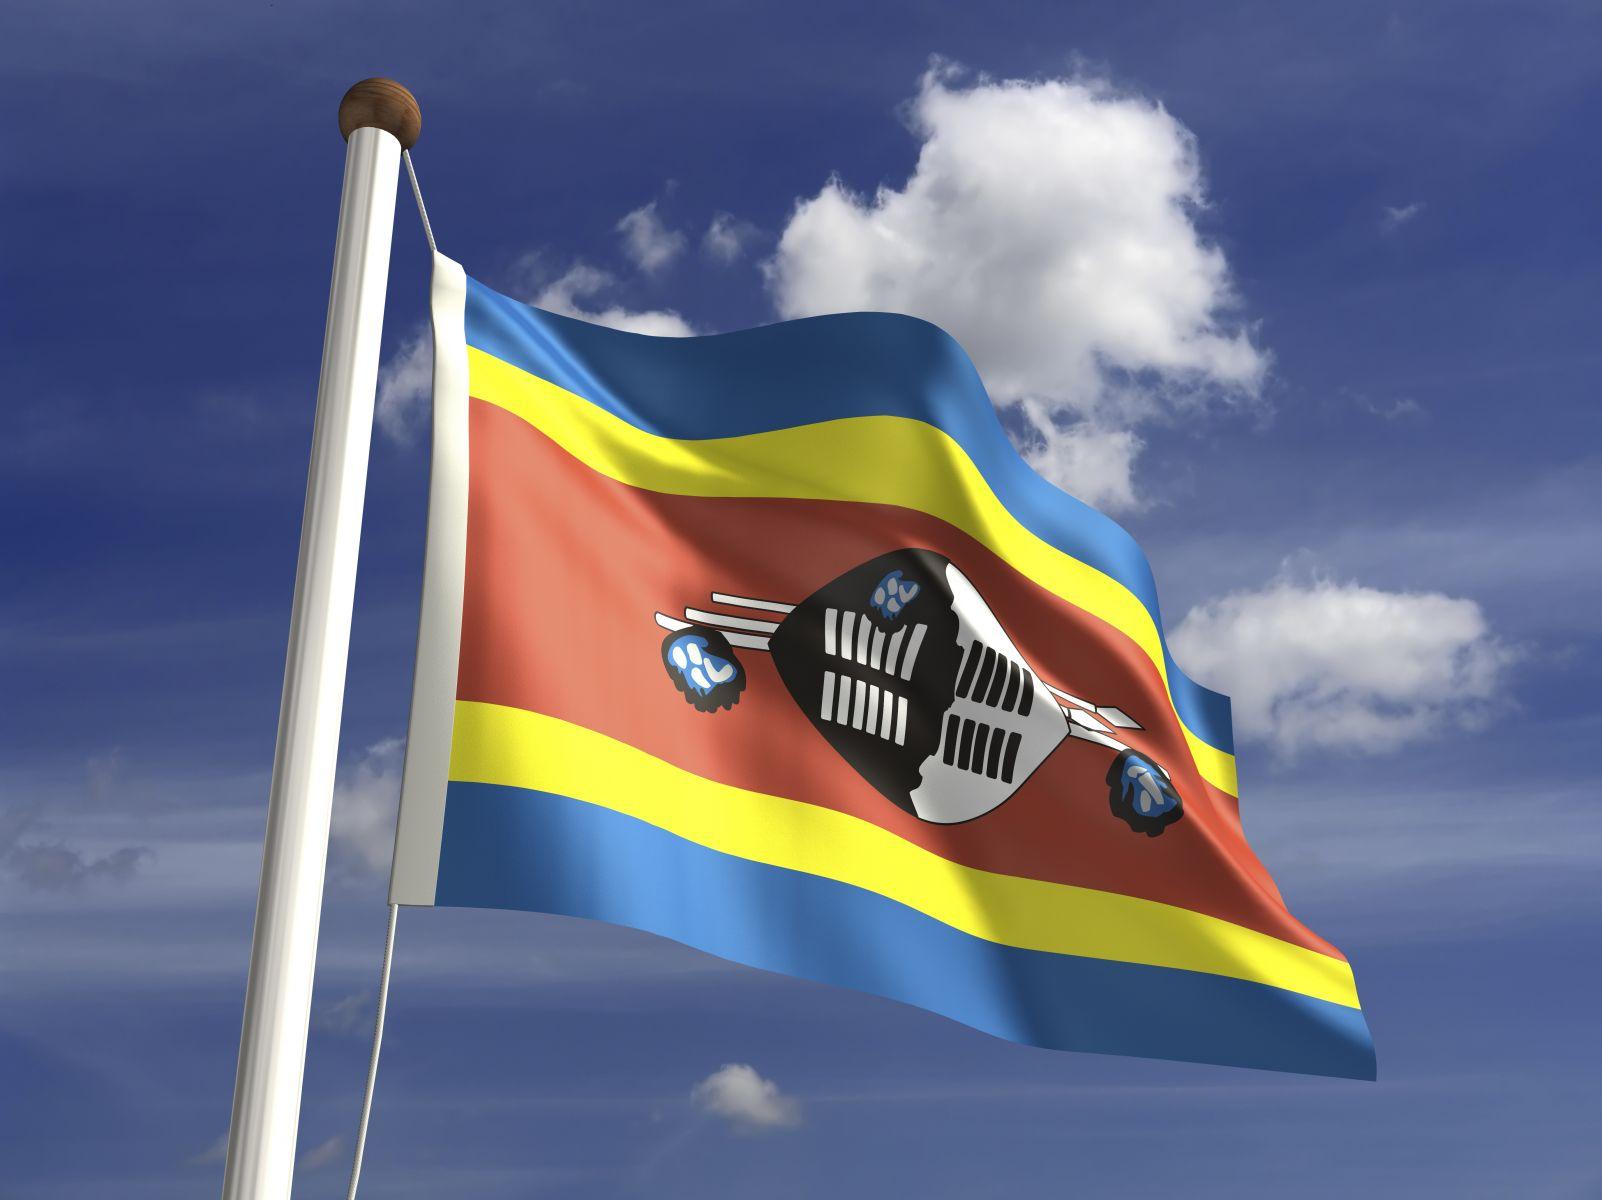 下一個史瓦帝尼?中方喊話:期待所有非洲國家參與合作